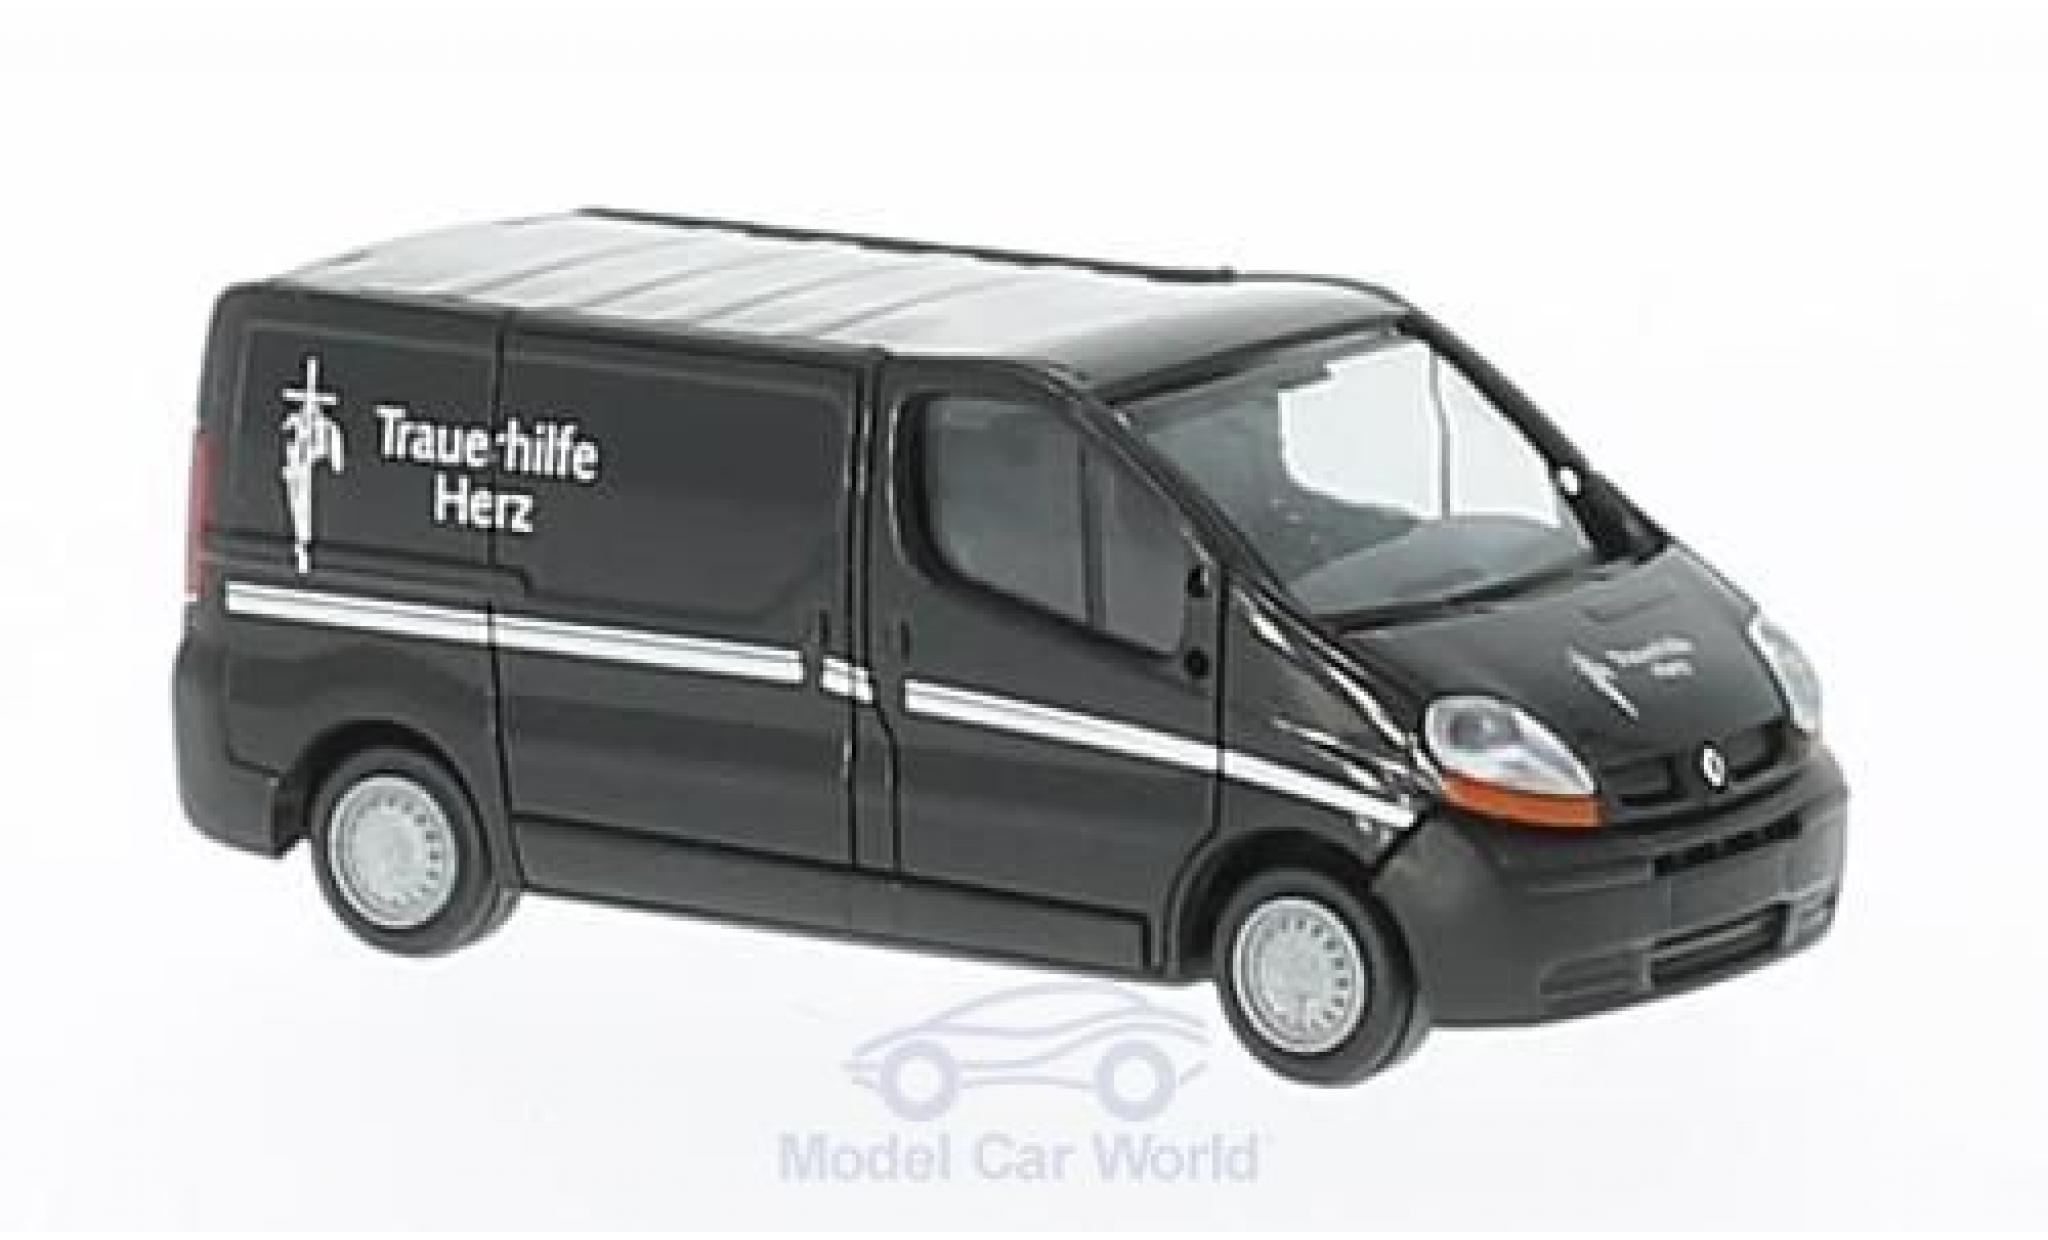 Renault Trafic 1/87 Rietze Trauerhilfe Herz - Filmwagen ohne Vitrine